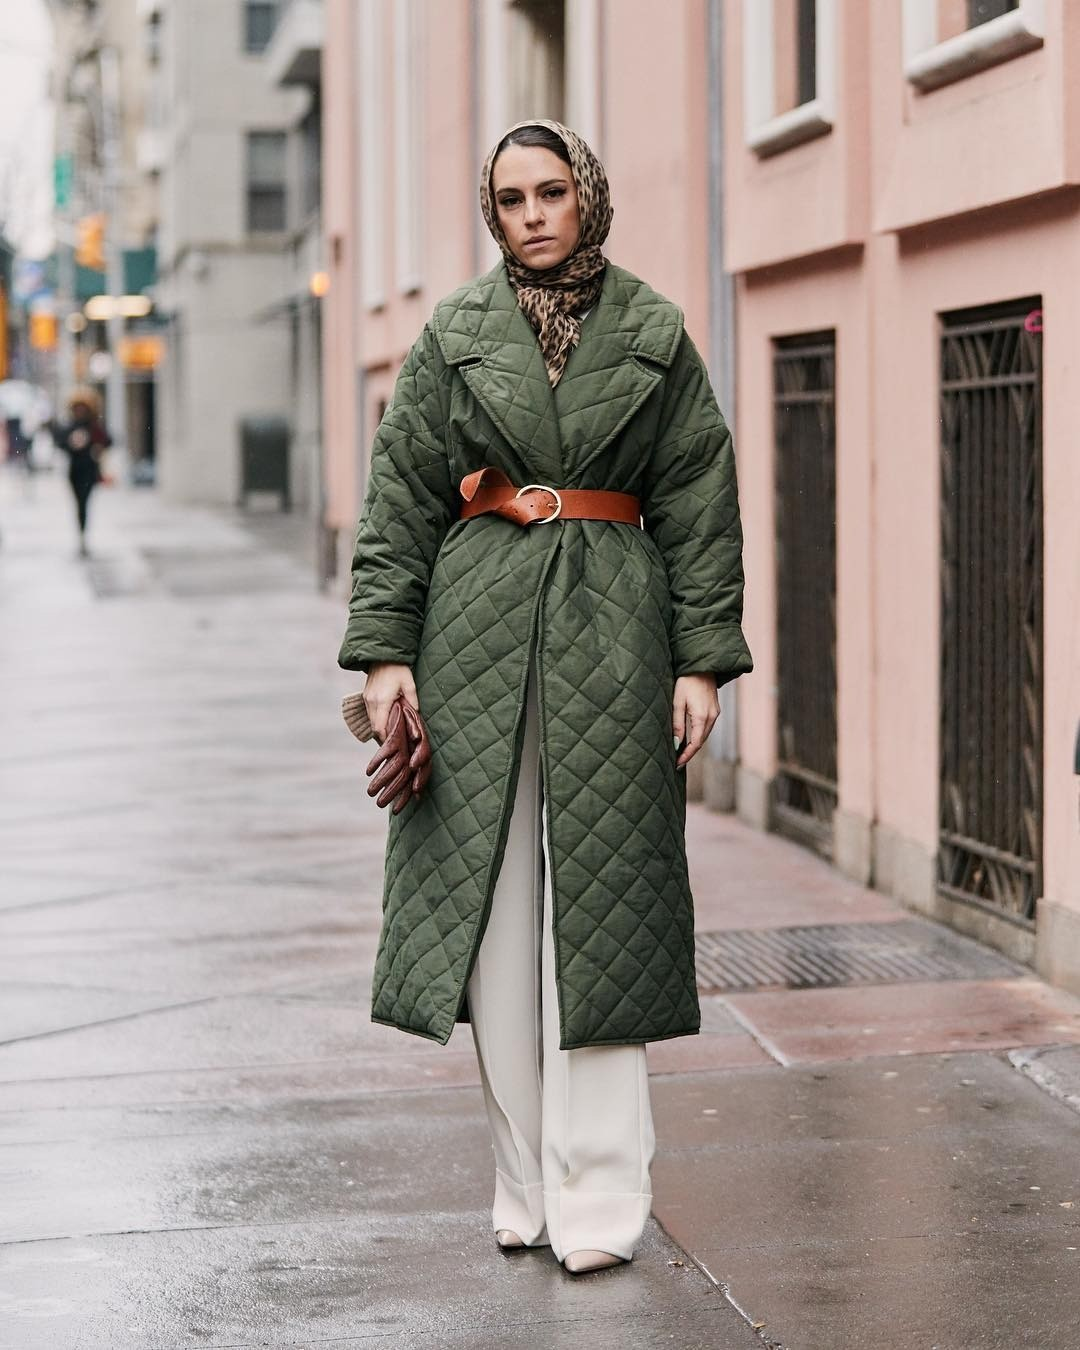 Пока есть время выбрать: 36 классных женских курток осень-зима 2019